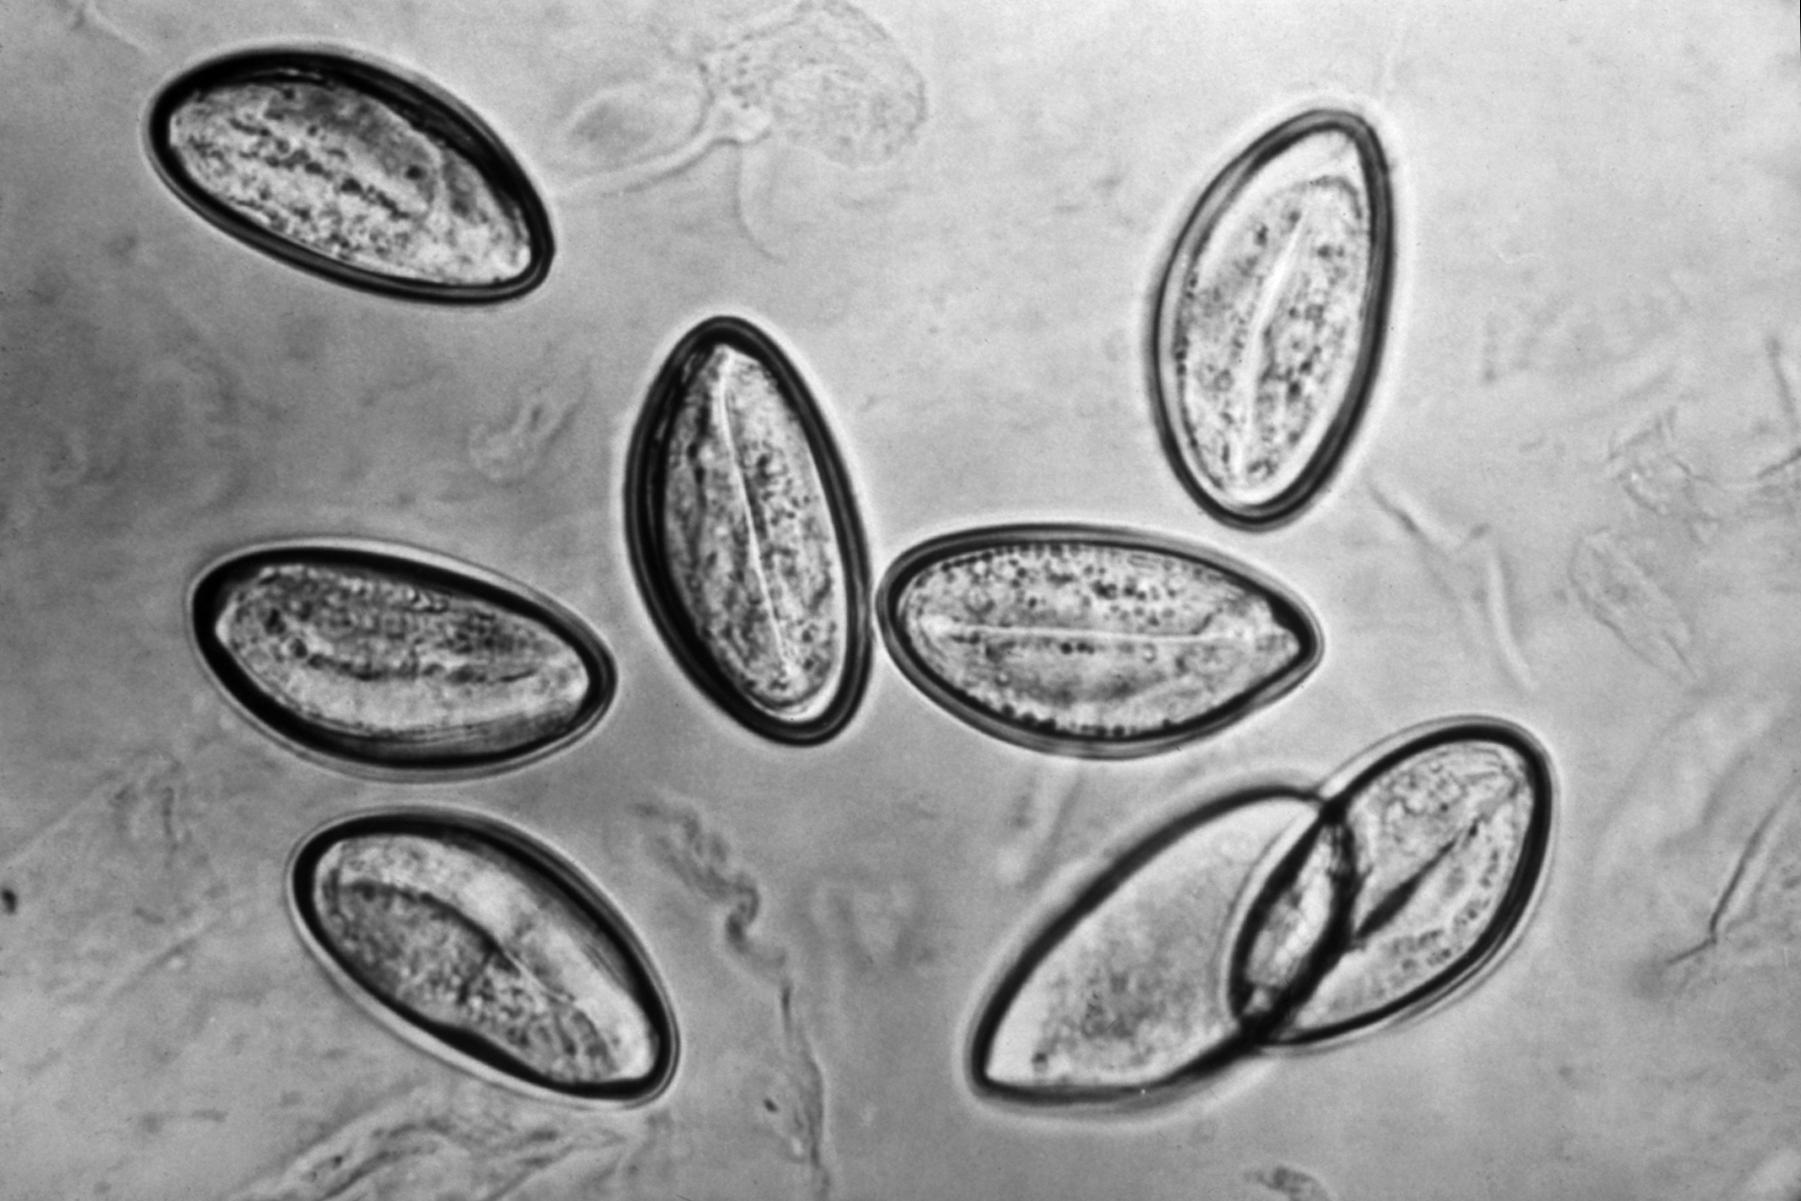 enterobius vermicularis how do you get it